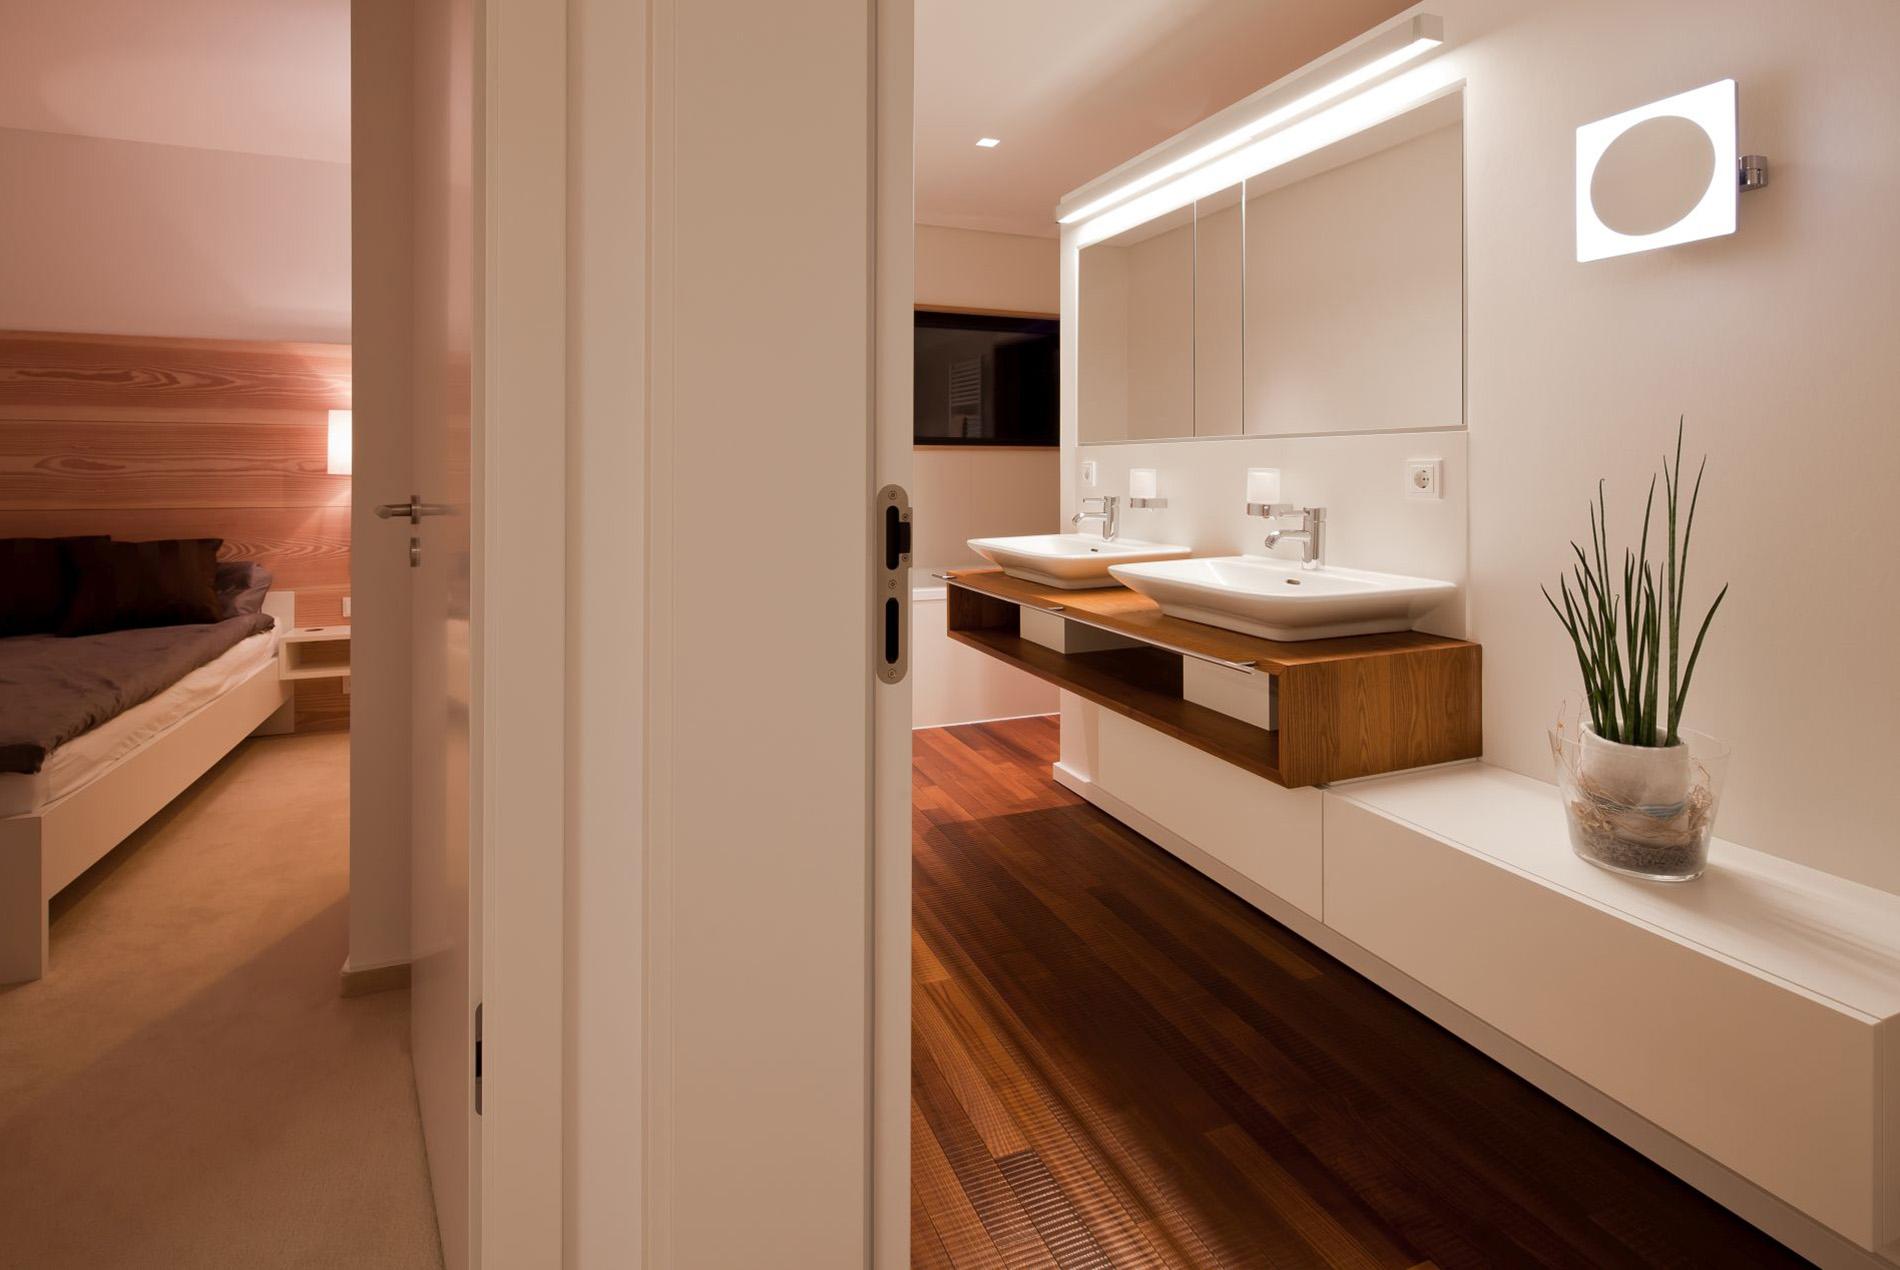 Holzboden Im Badezimmer Unglaublich Badezimmer Holzboden Badezimmer Holzboden Im Badezimmer